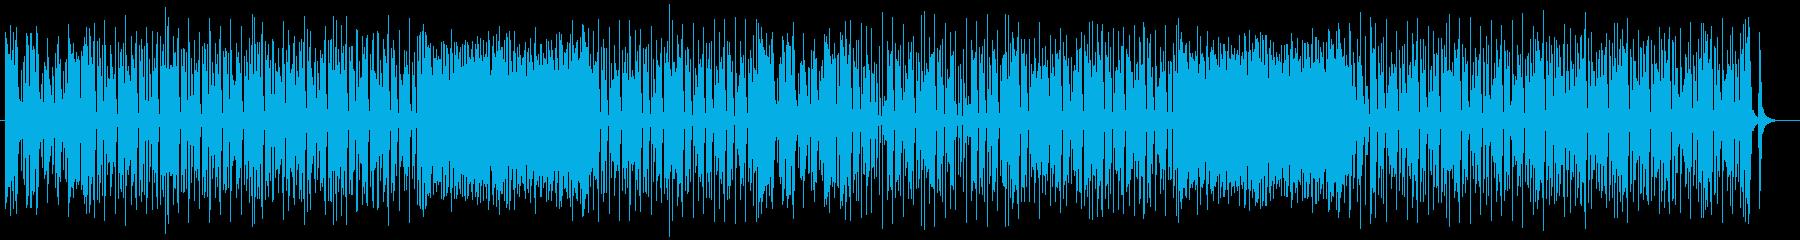 軽快で爽やかなピアノメロディのポップスの再生済みの波形